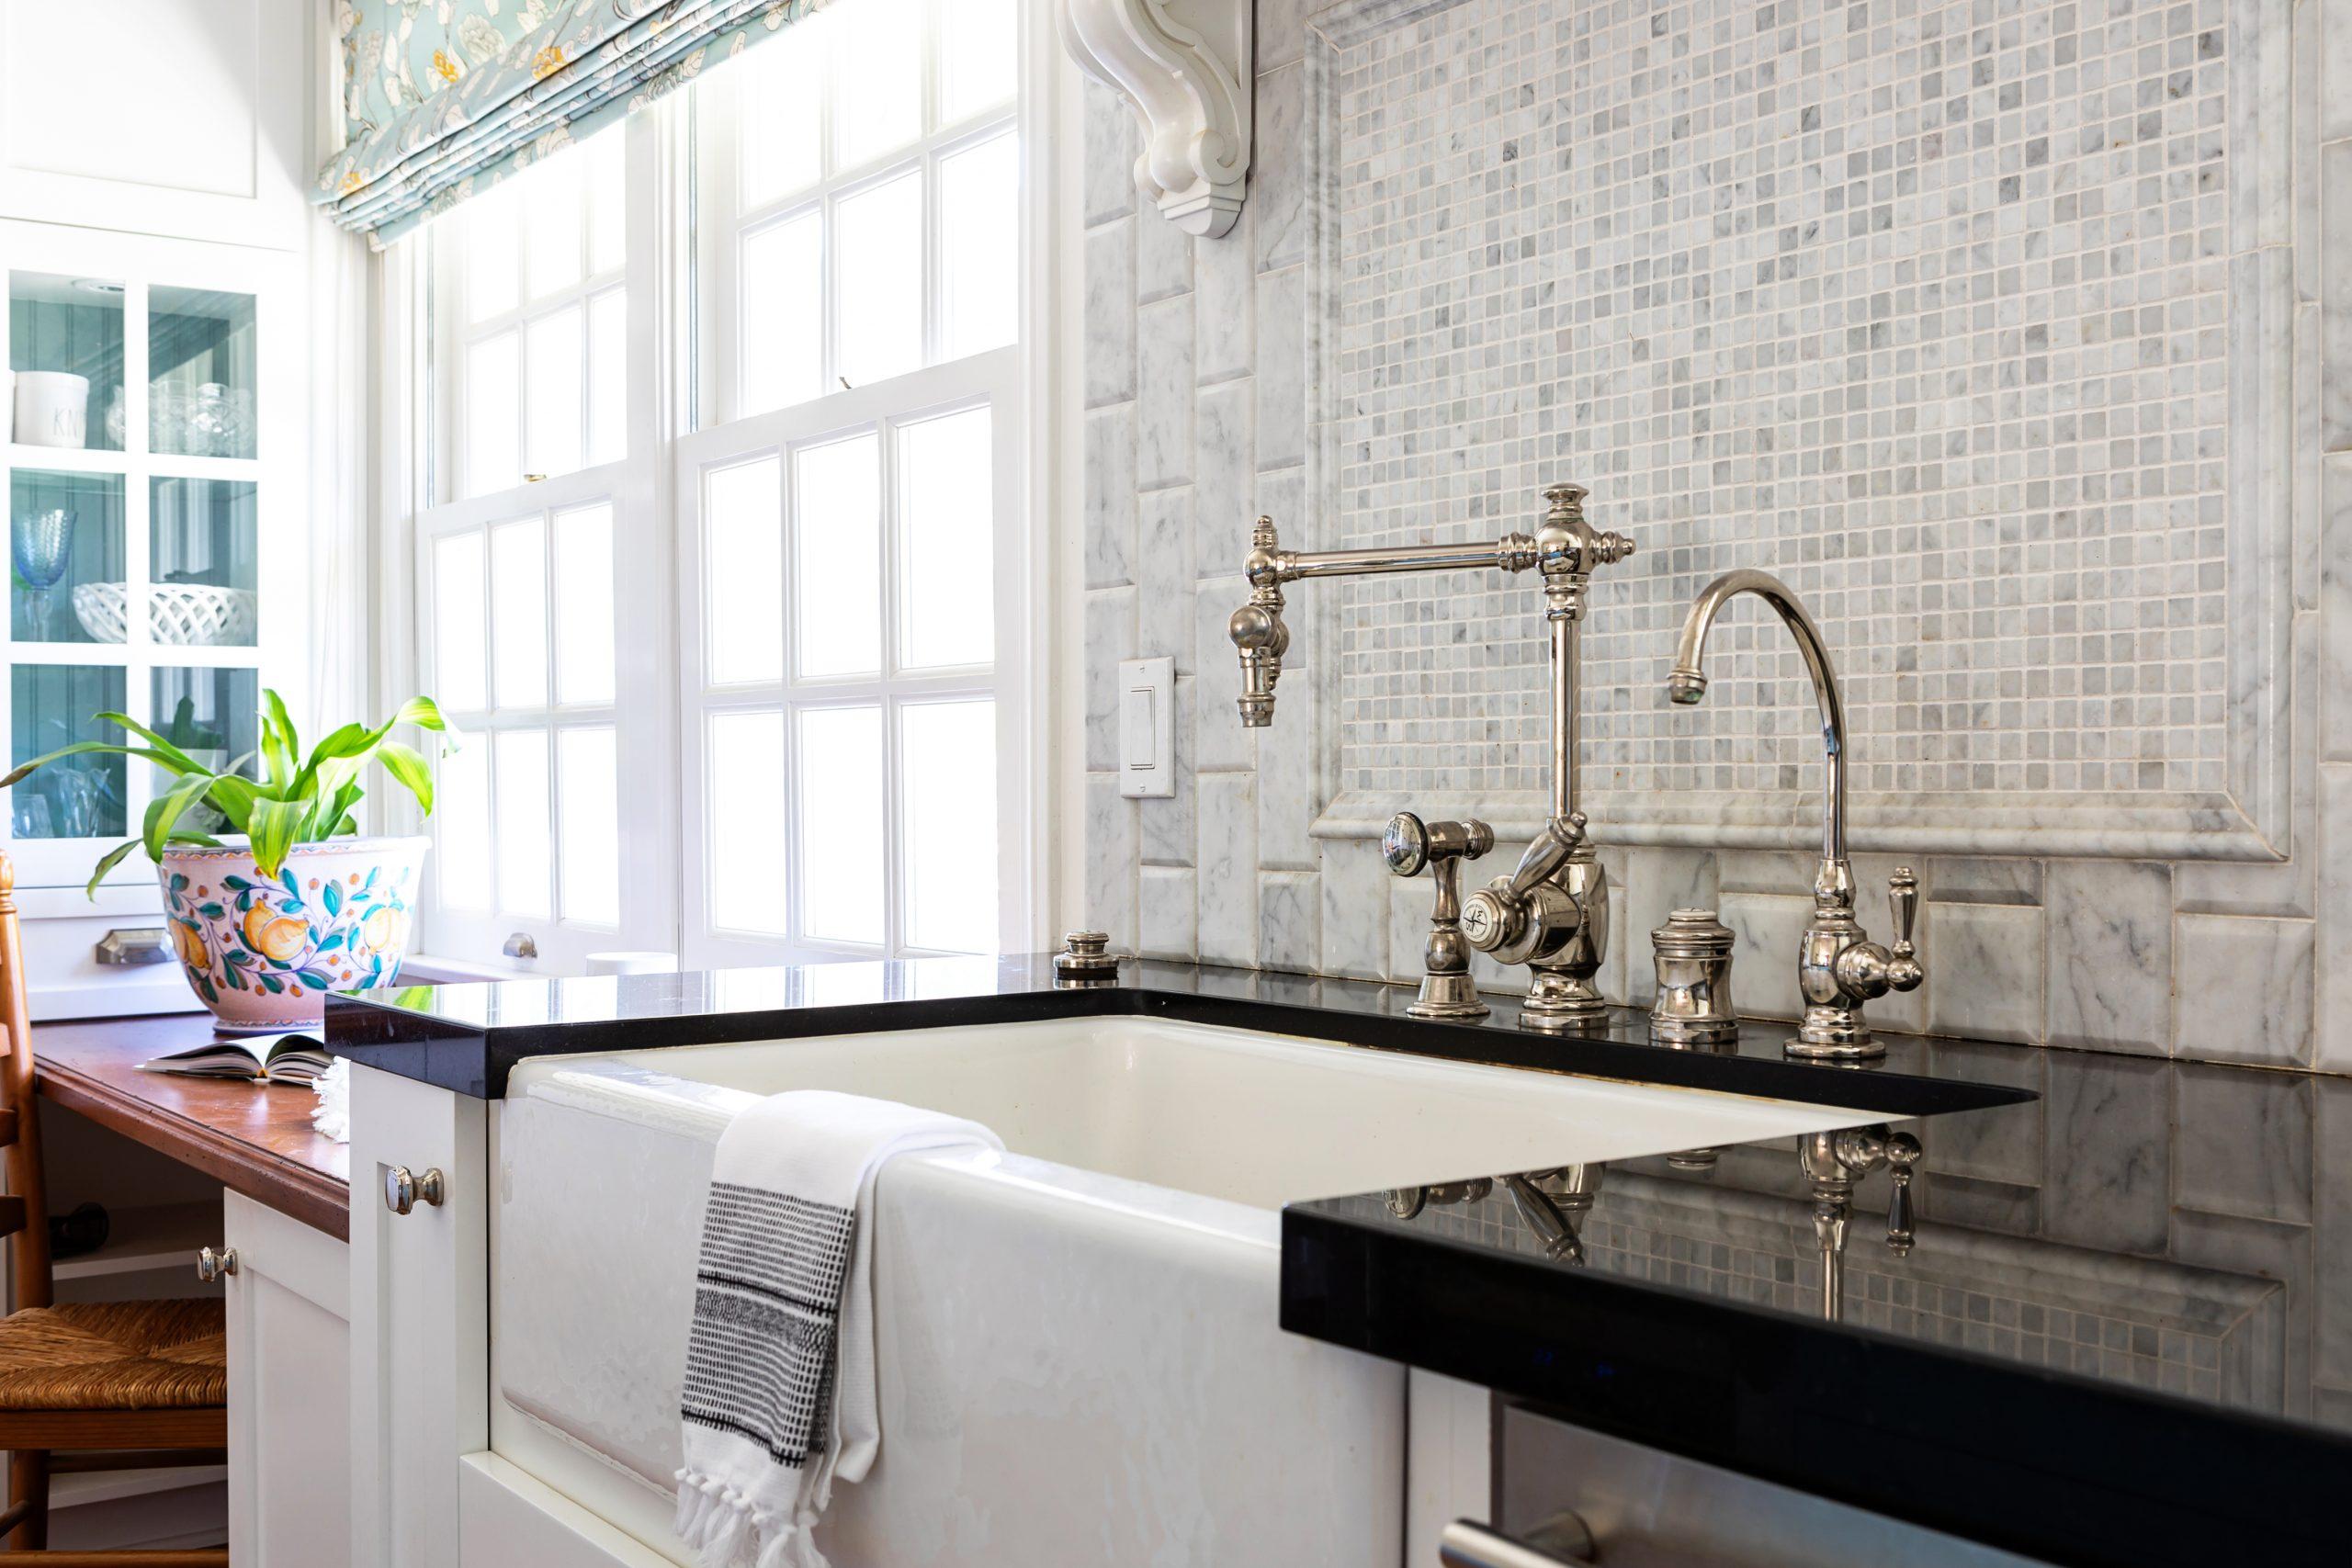 Kitchen Renovation in Hidden Hills, CA - JLK interiors - bright, family-friendly kitchen - sink between windows